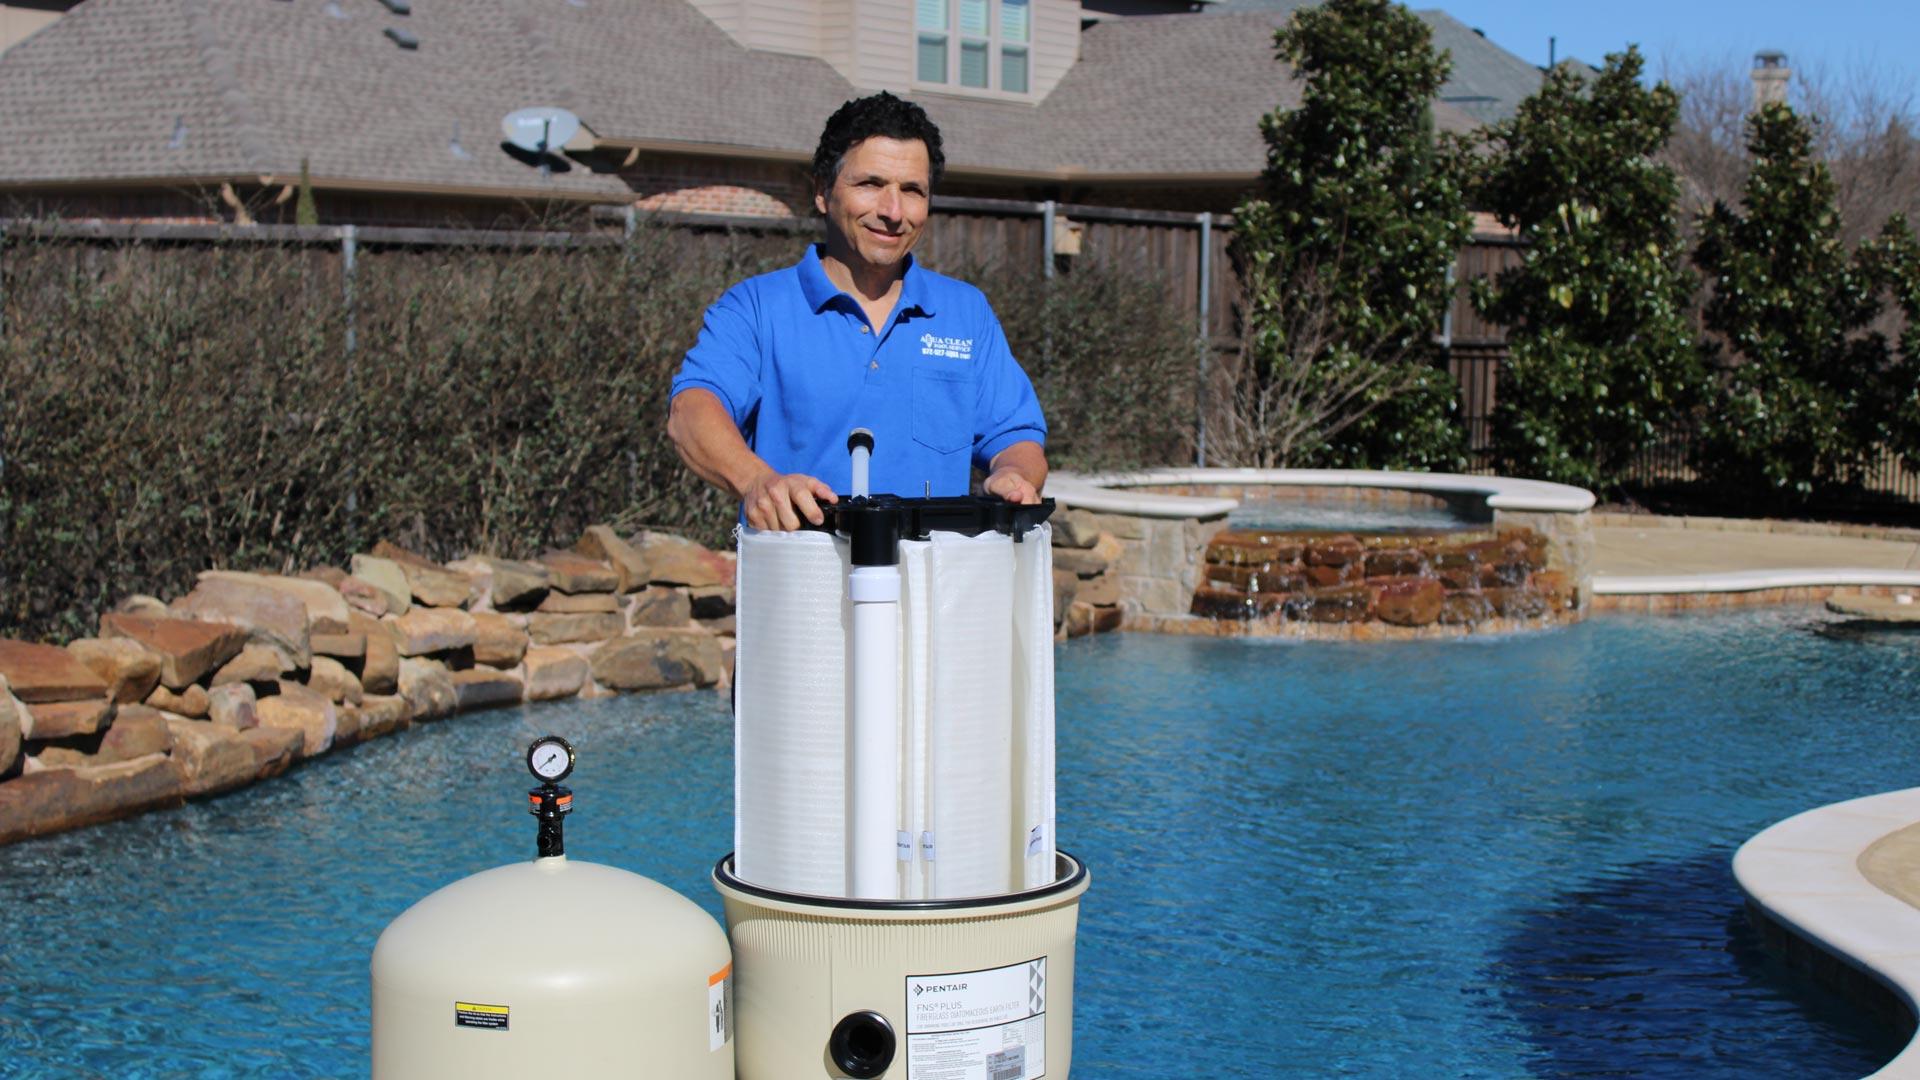 Pool Repair in Plano, Texas